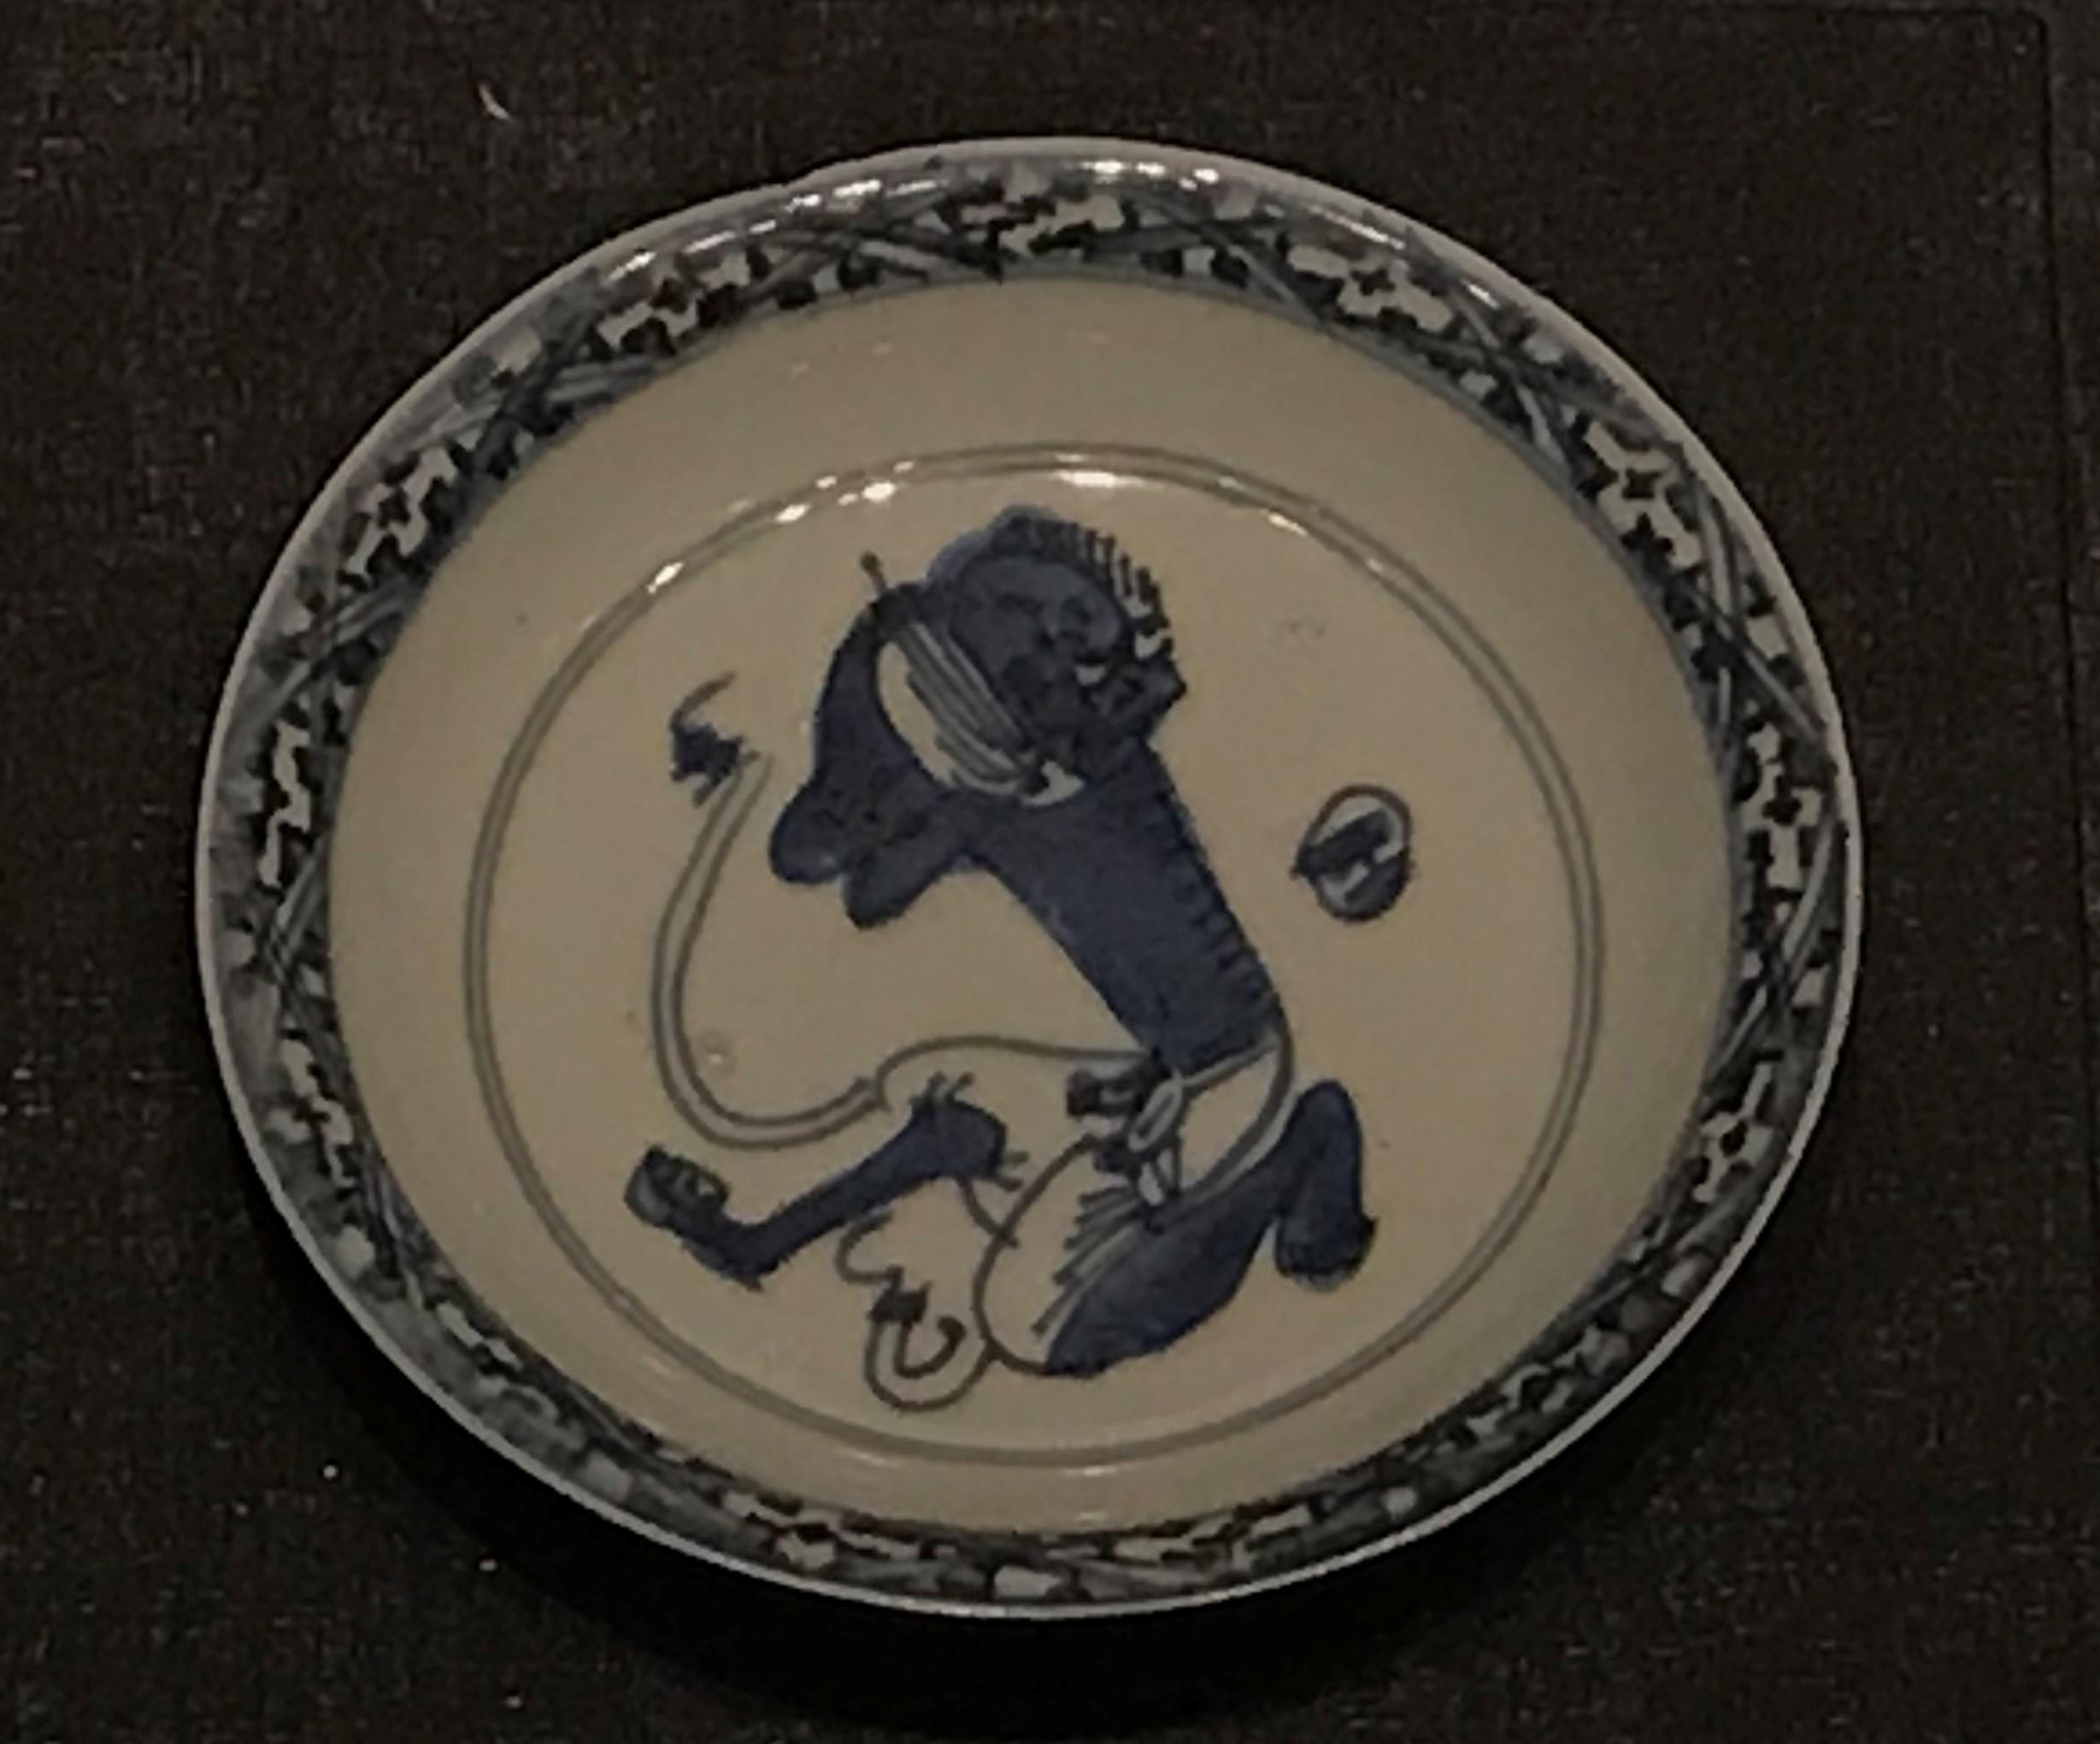 青花魁星紋磁盤-明清時代-常設展F3-成都博物館